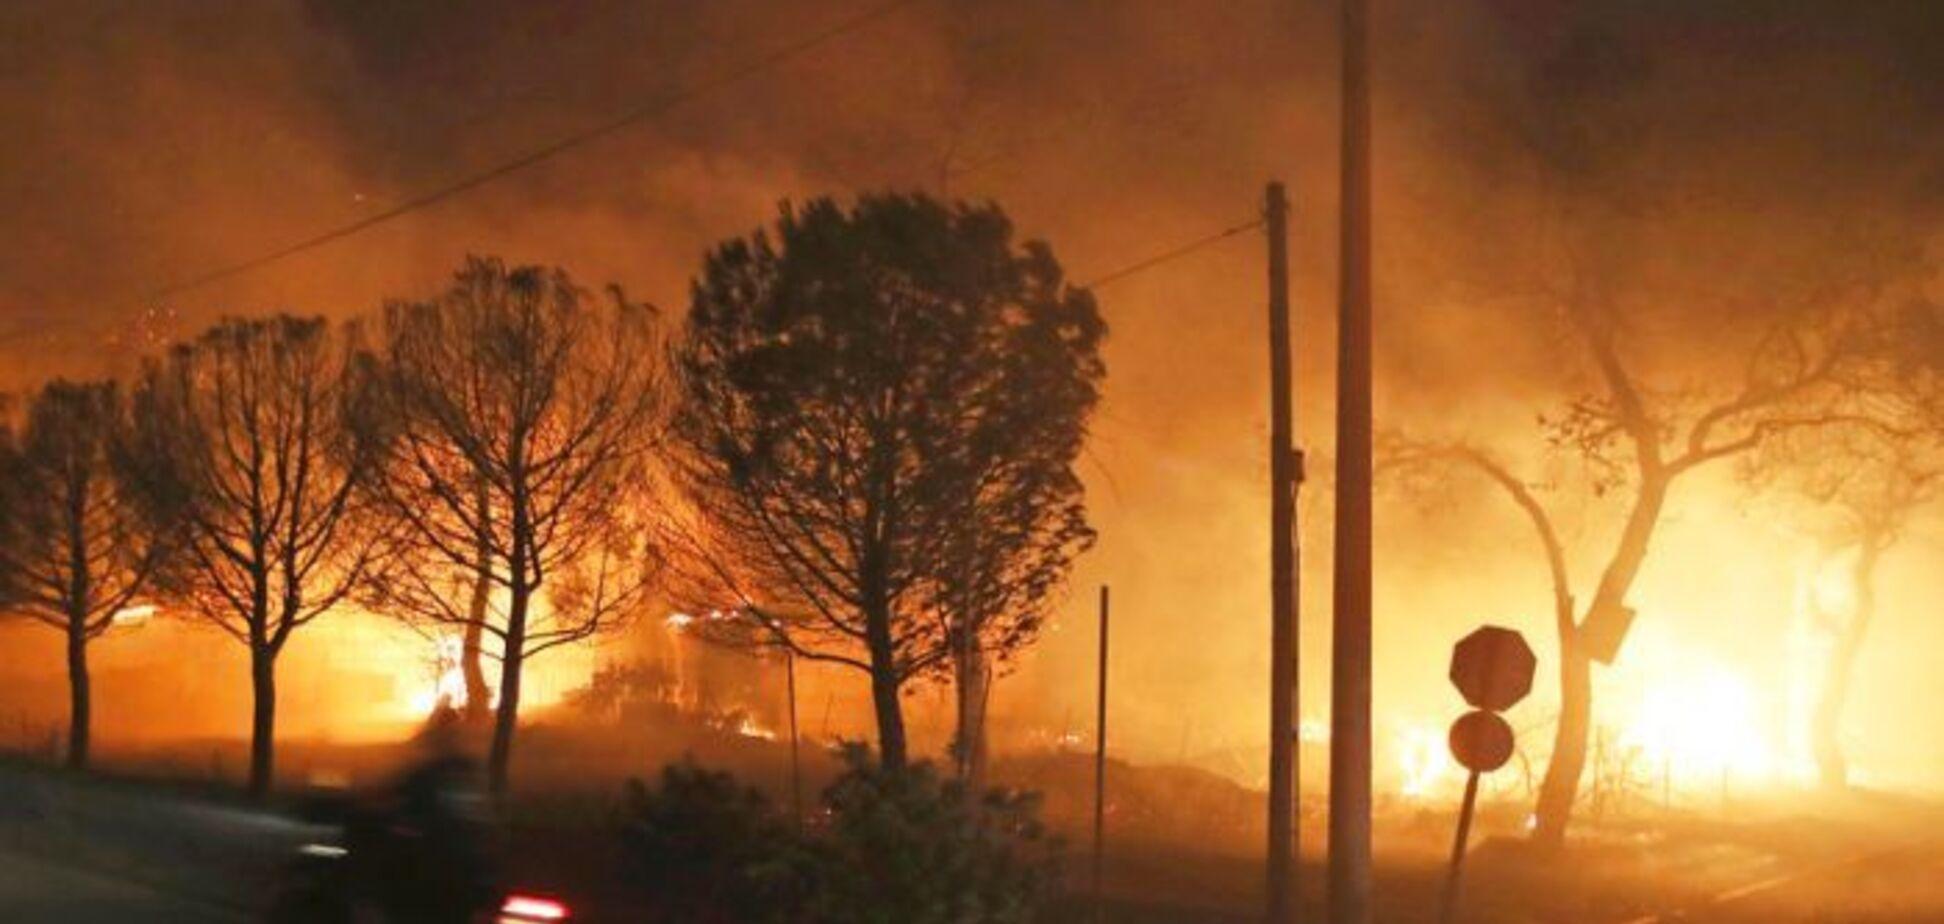 Масштабні лісові пожежі охопили Грецію: 50 загиблих, понад 150 поранених